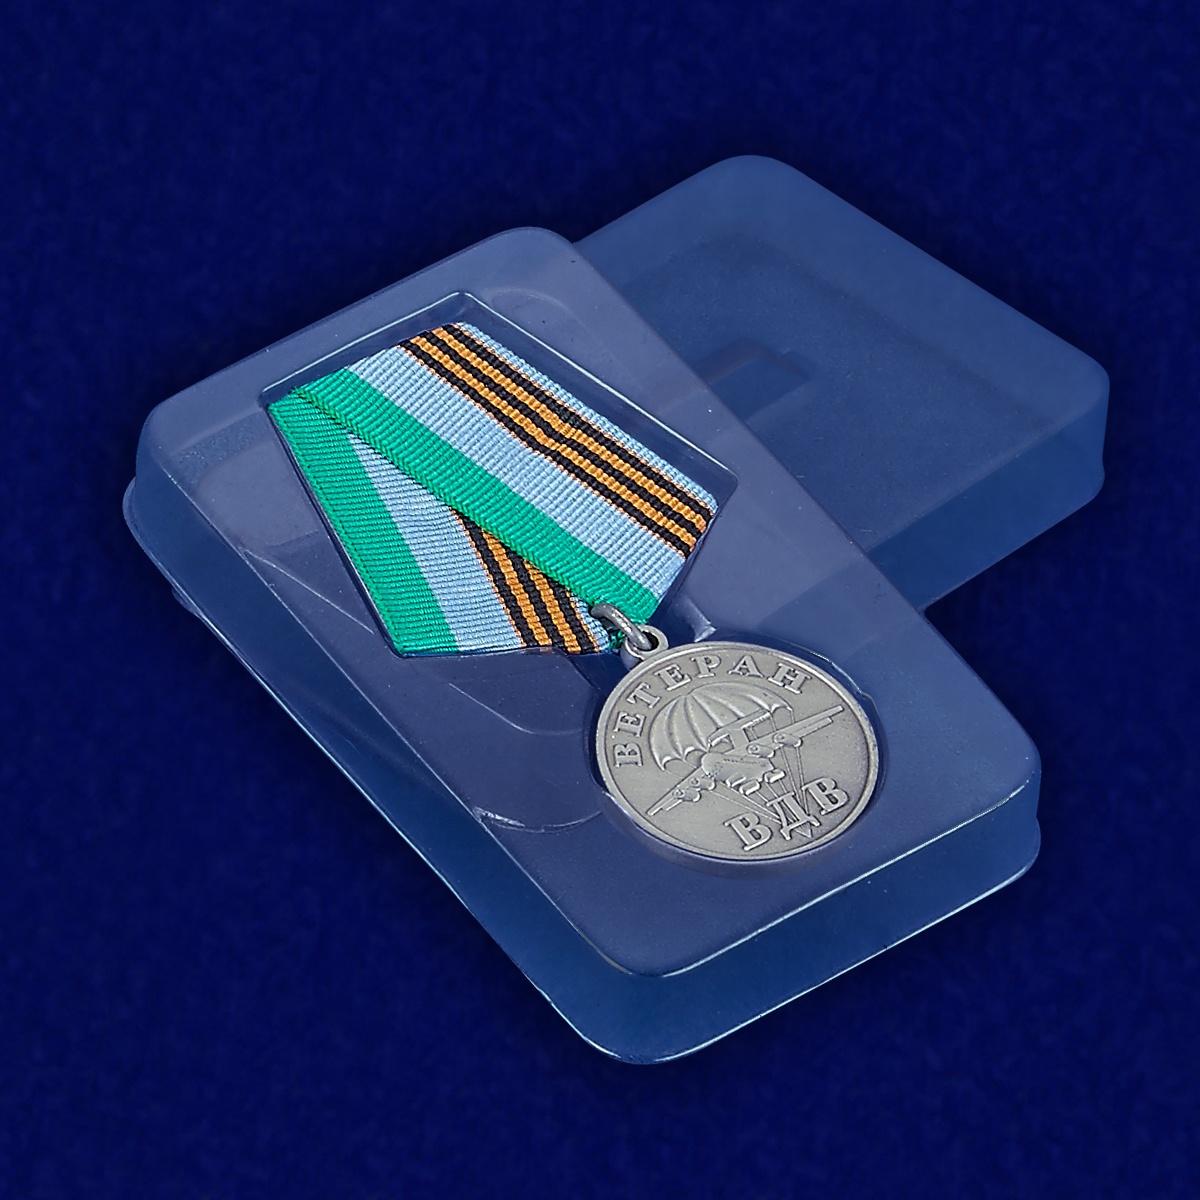 """Медаль ВДВ """"Ветеран"""" серебряная в футляре"""